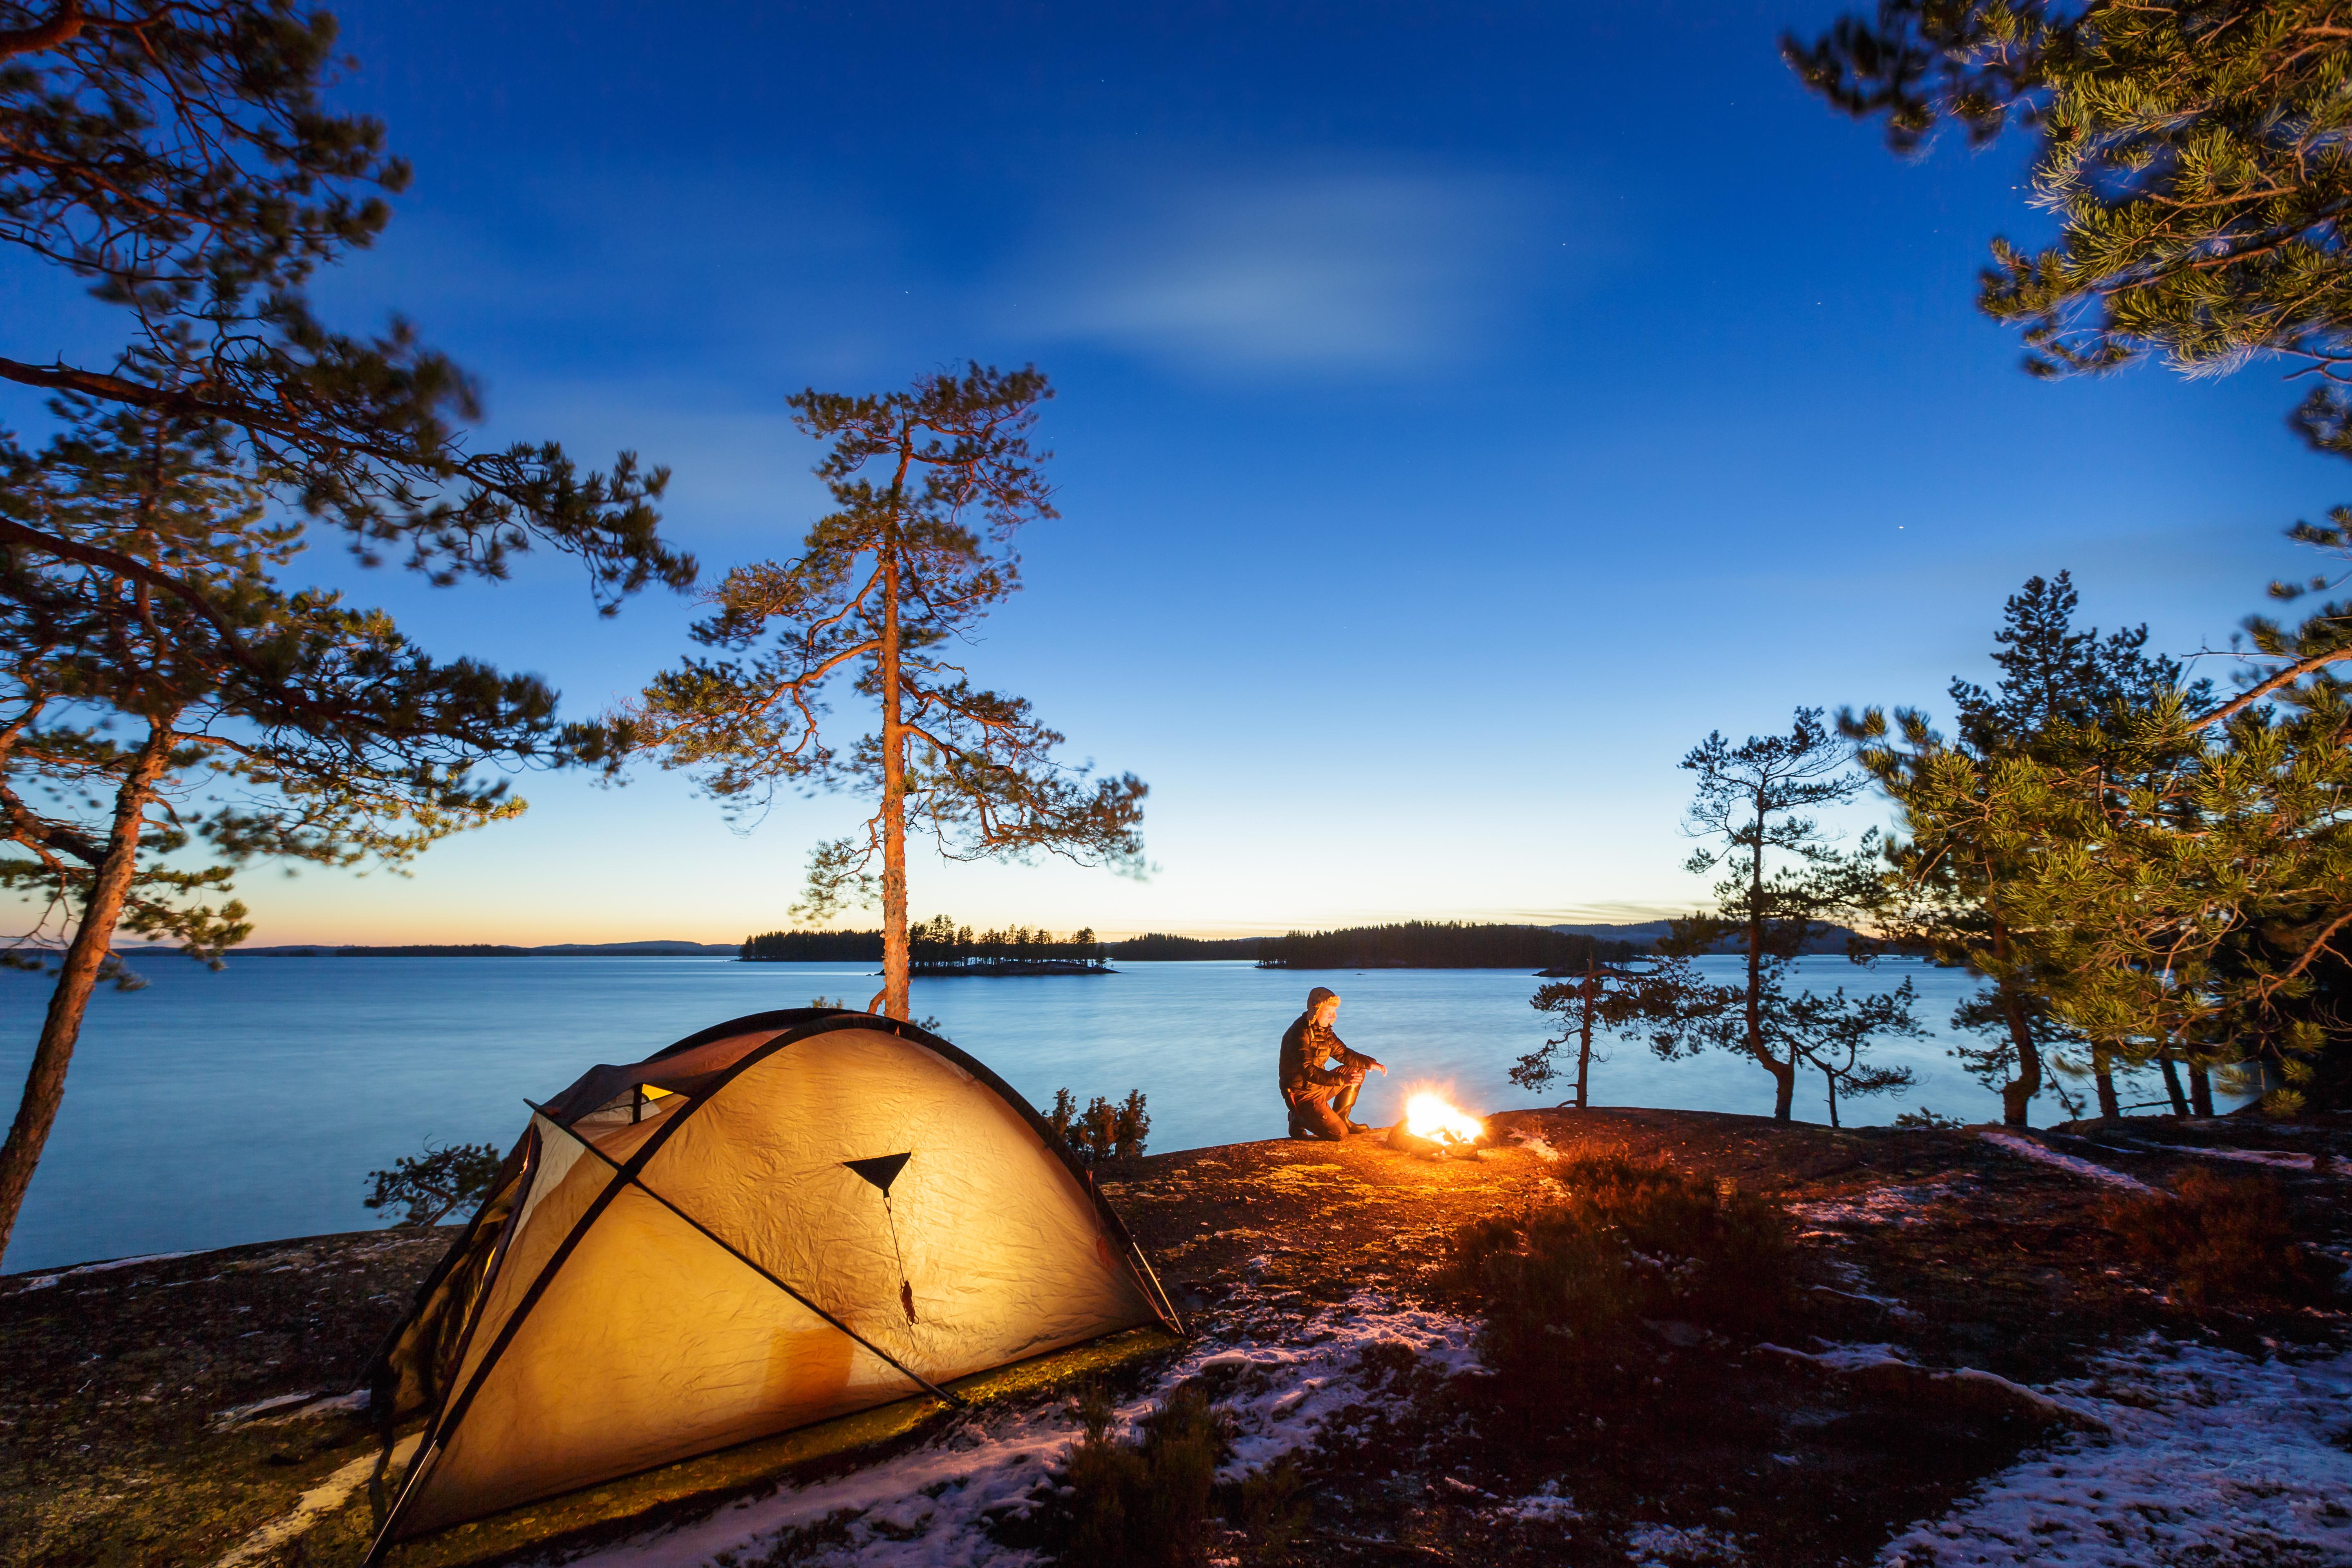 full hookup Camping i Oregon varför tar Titan fall matchmaking s lng tid